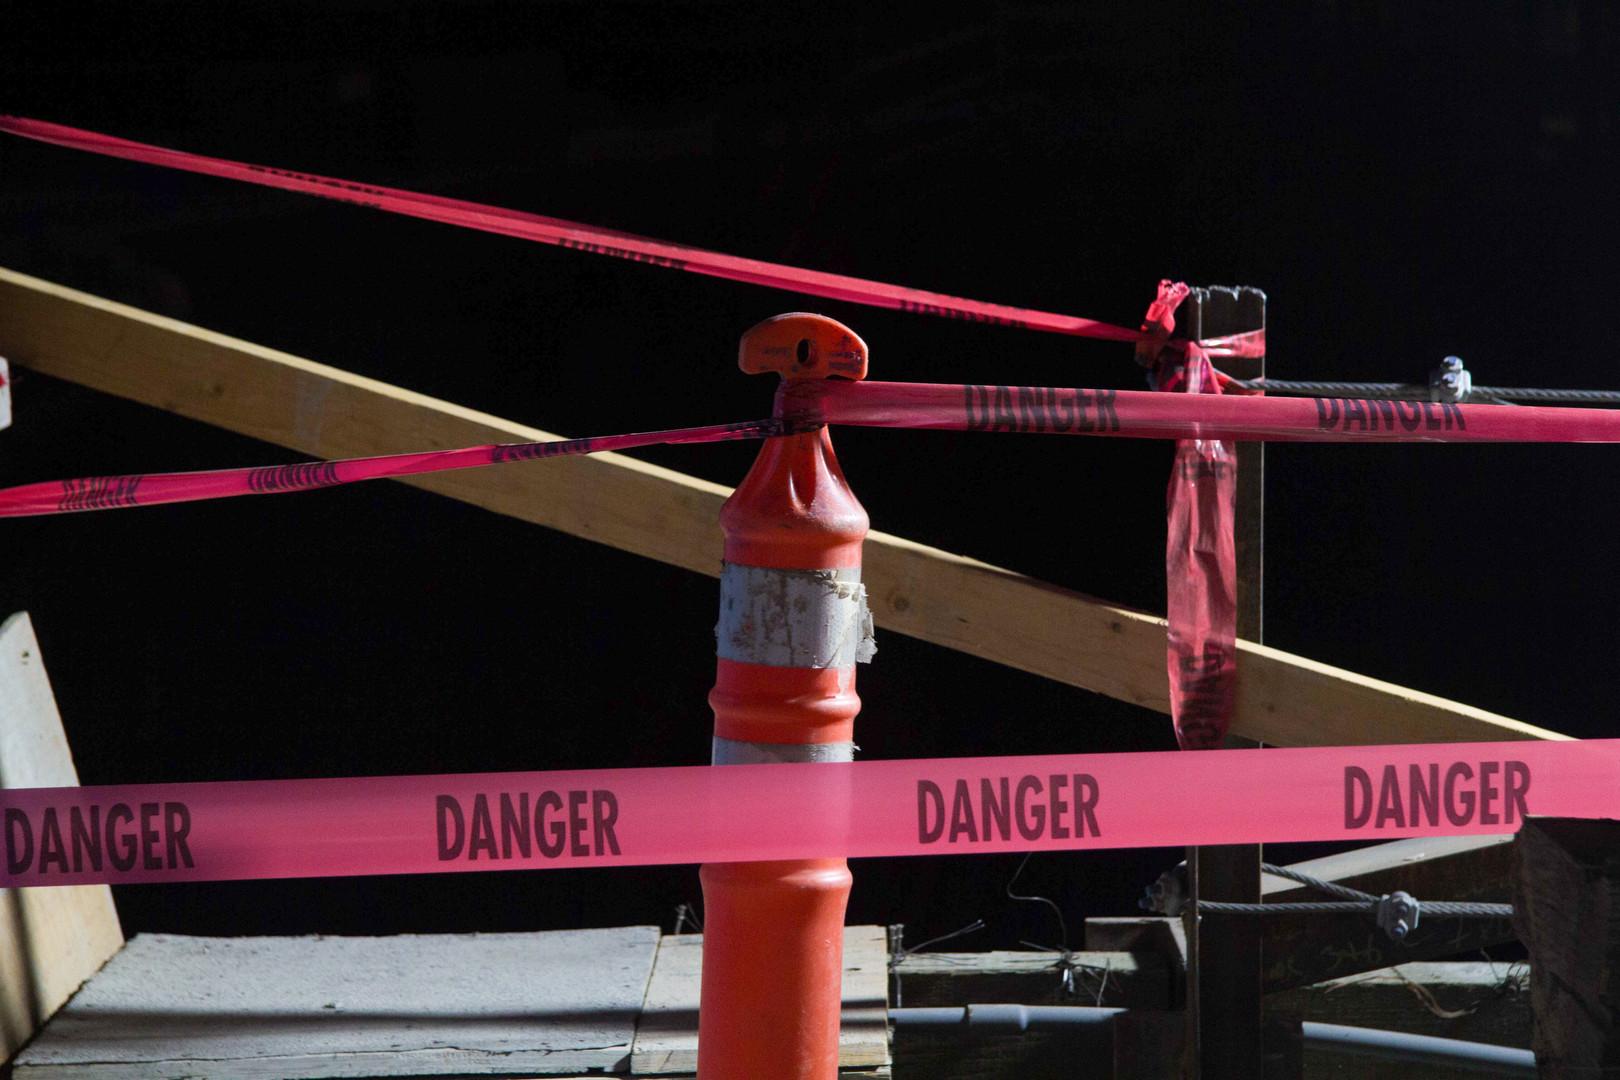 Danger, danger